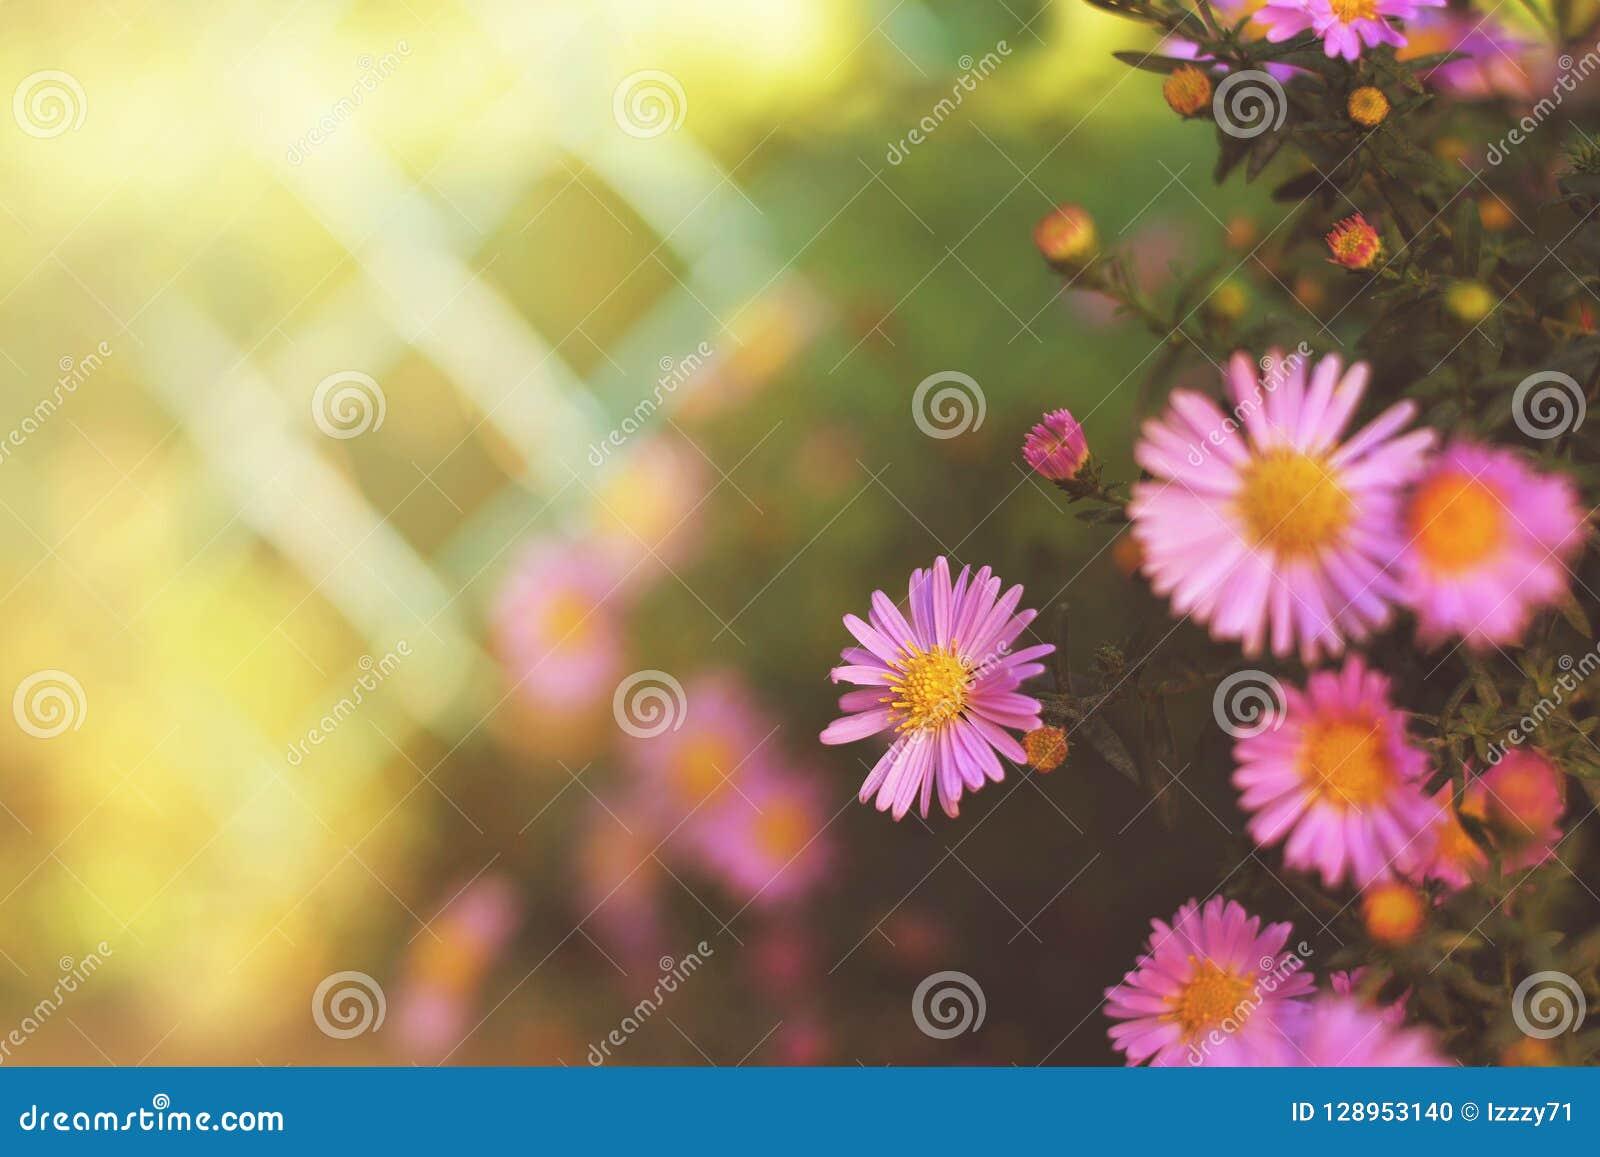 Herbstblumen Im Garten Stockfoto Bild Von Platz Outdoor